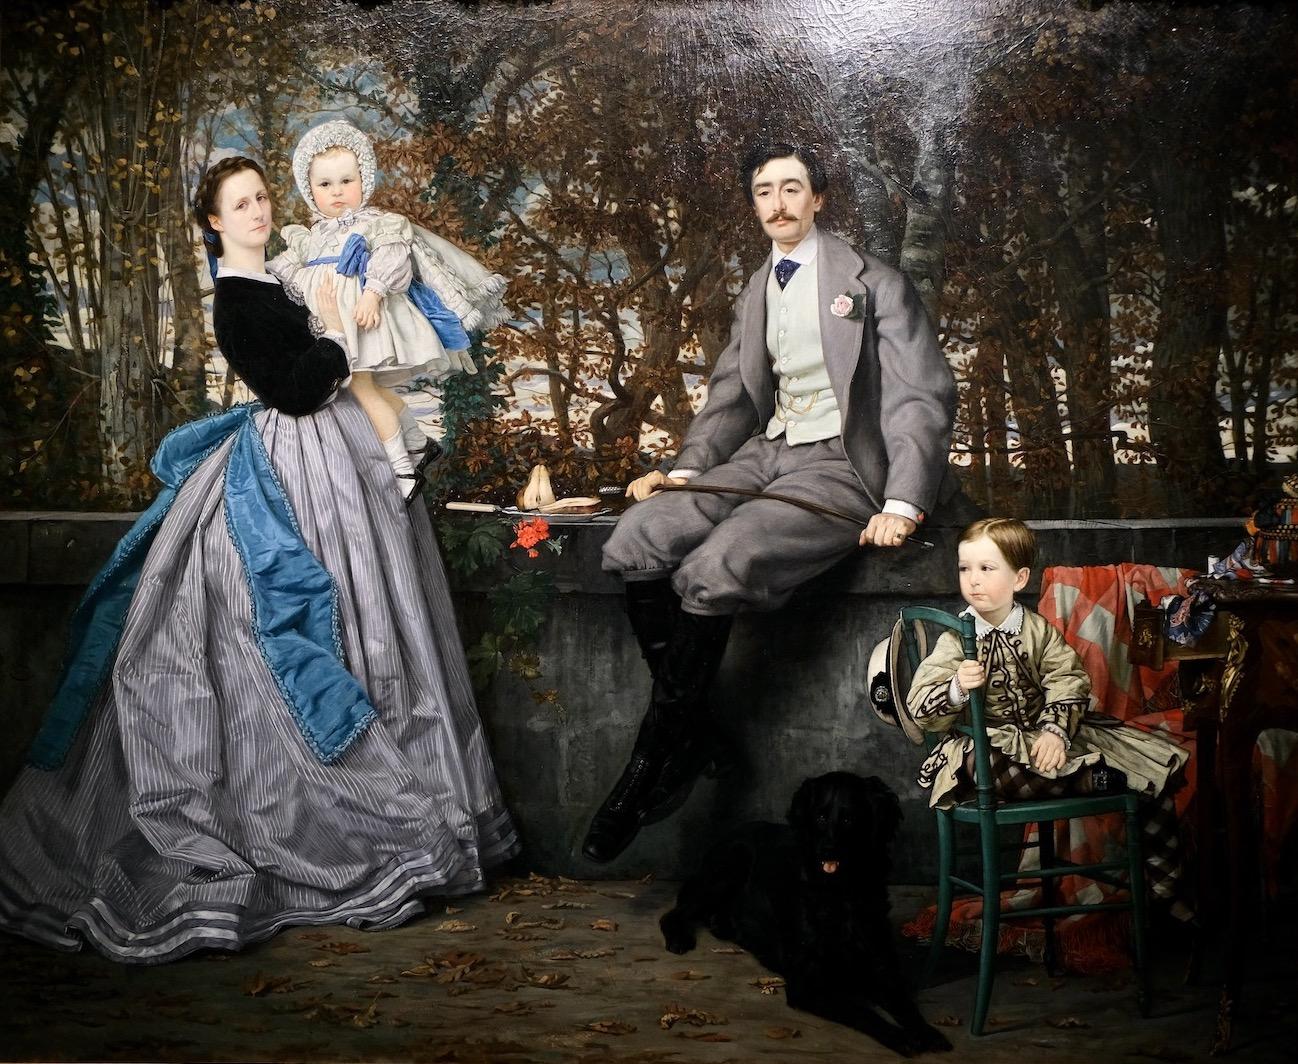 Paris current exhibit